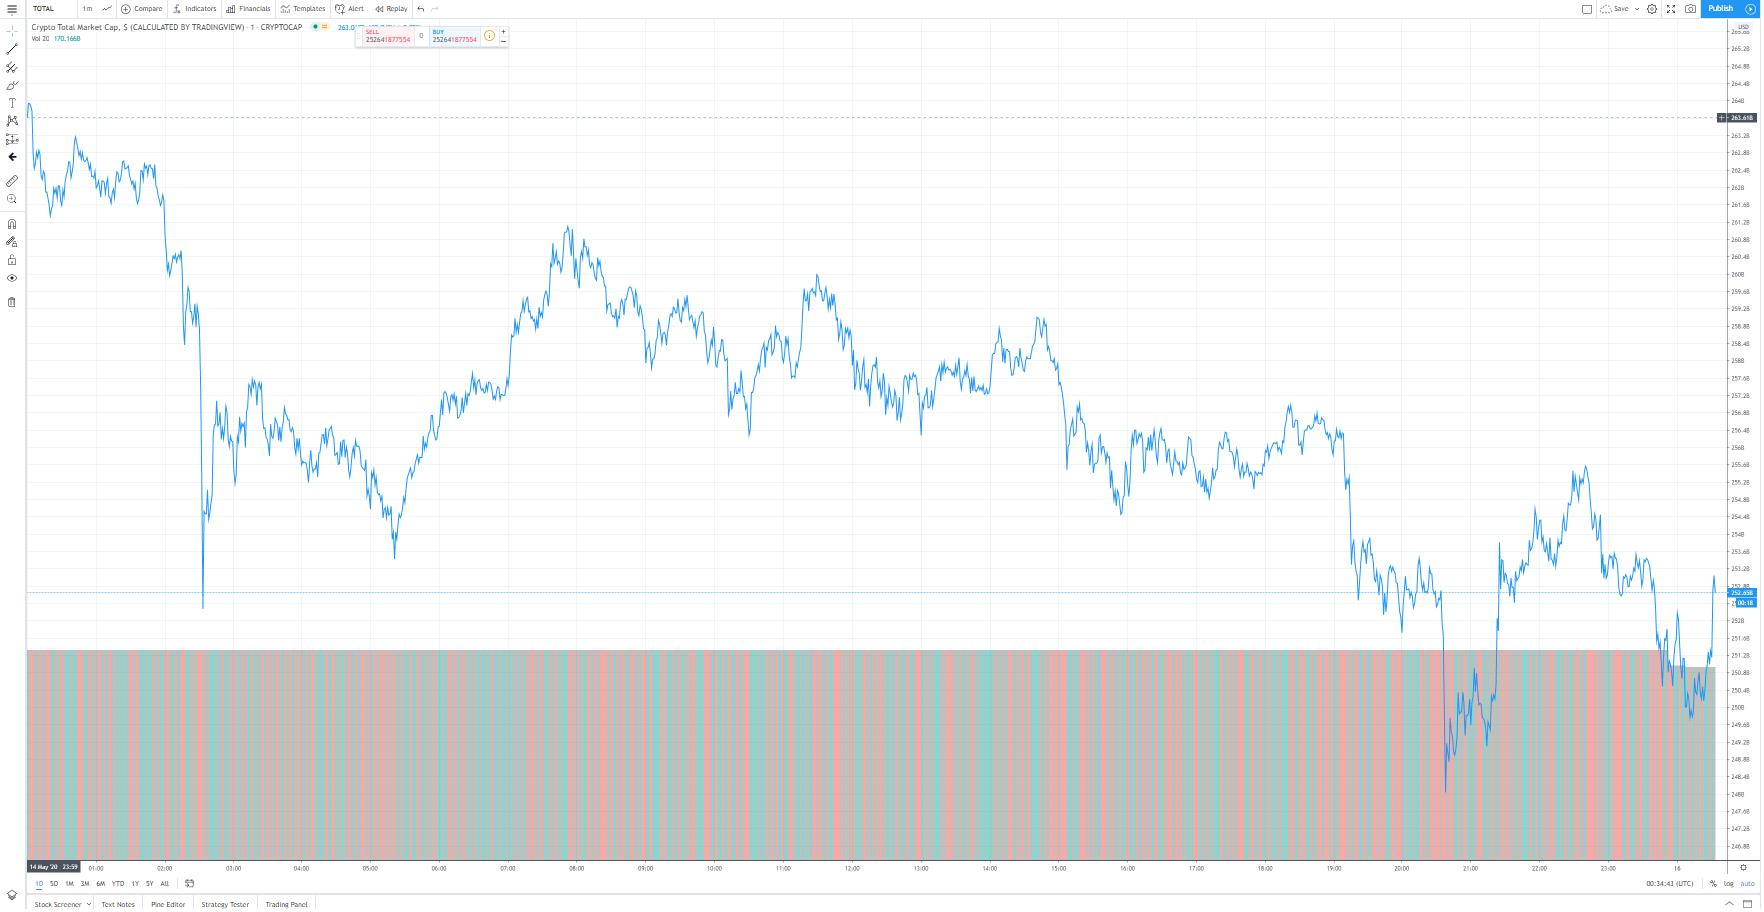 Tổng giá trị thị trường tiền kĩ thuật số ngày 16/5 (nguồn: TradingView)